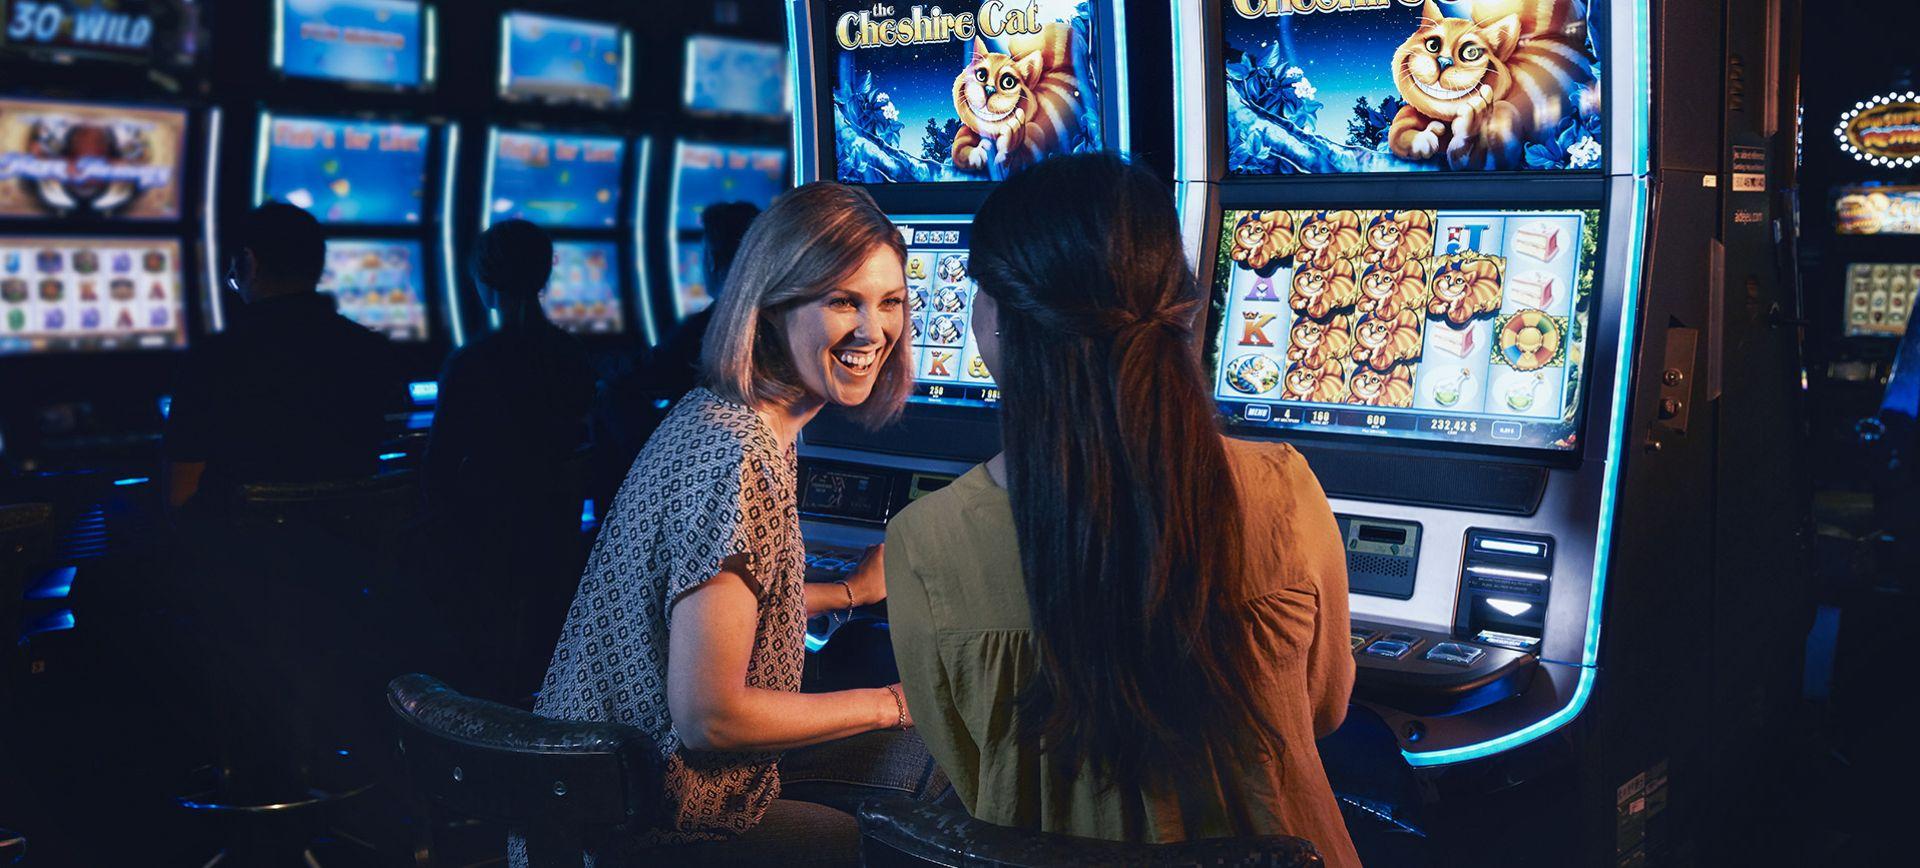 Jeu : Machine À Sous   Casino De Montréal   Loto-Québec destiné Loto Espace Jeux